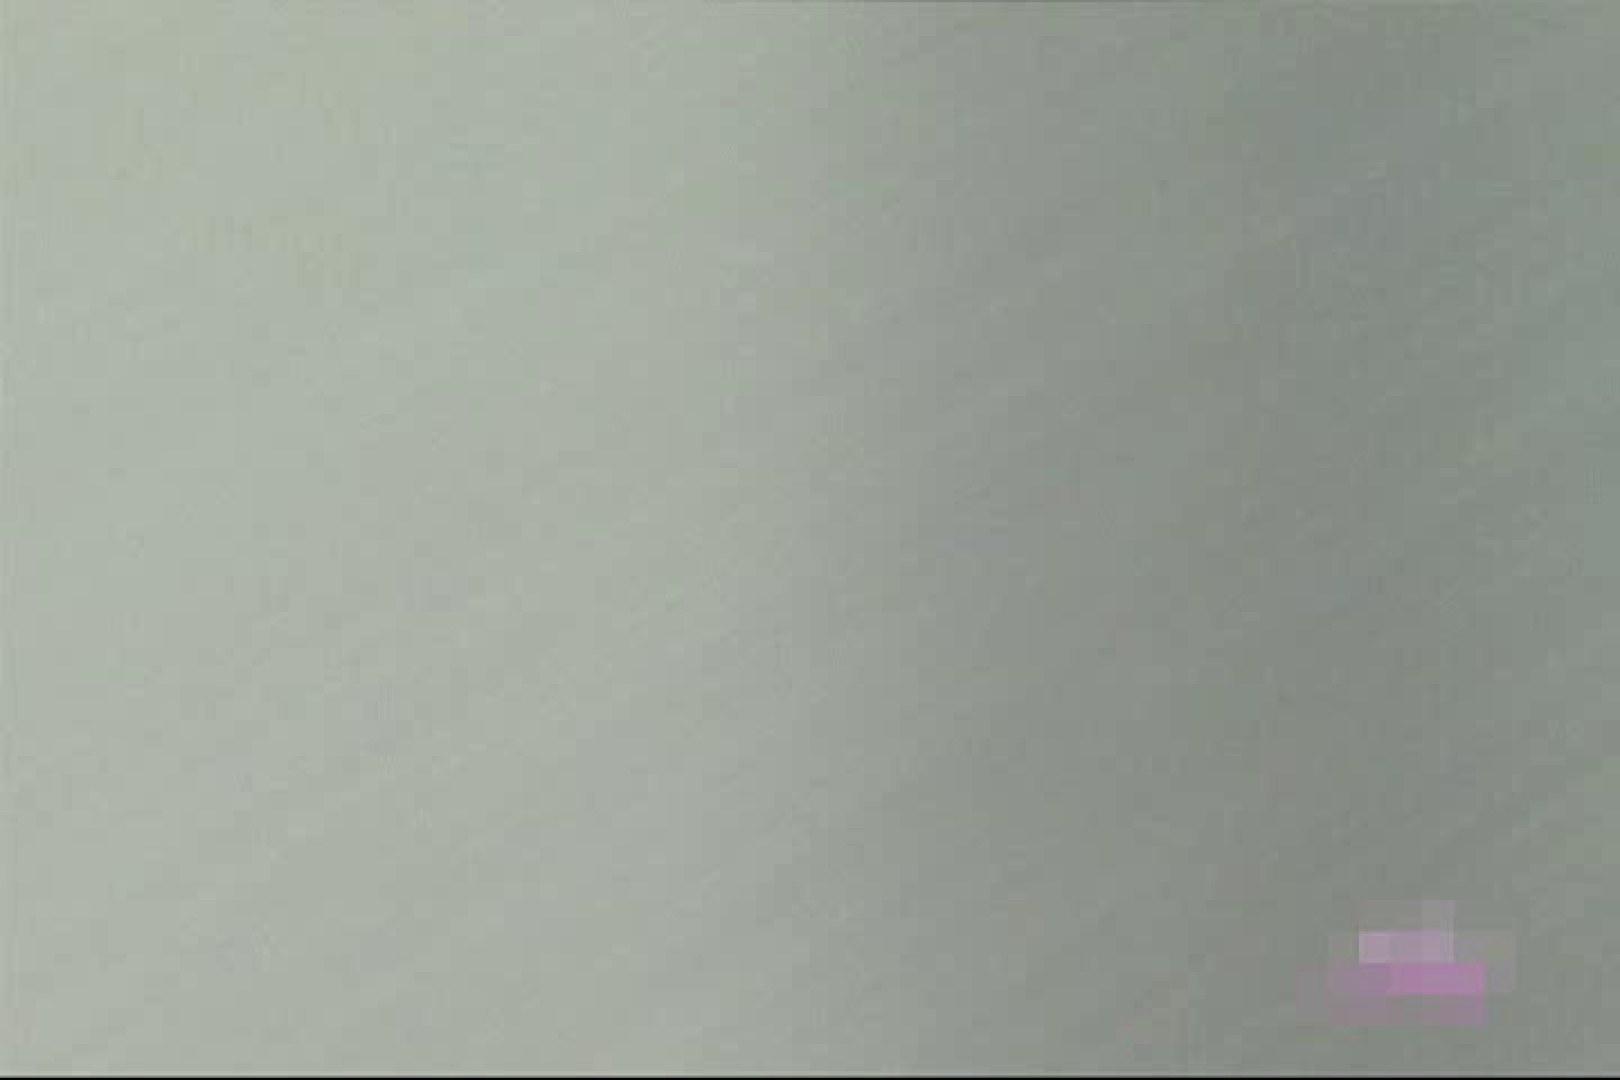 検証!隠し撮りスカートめくり!!Vol.2 ワルノリ | エロティックなOL  82画像 51